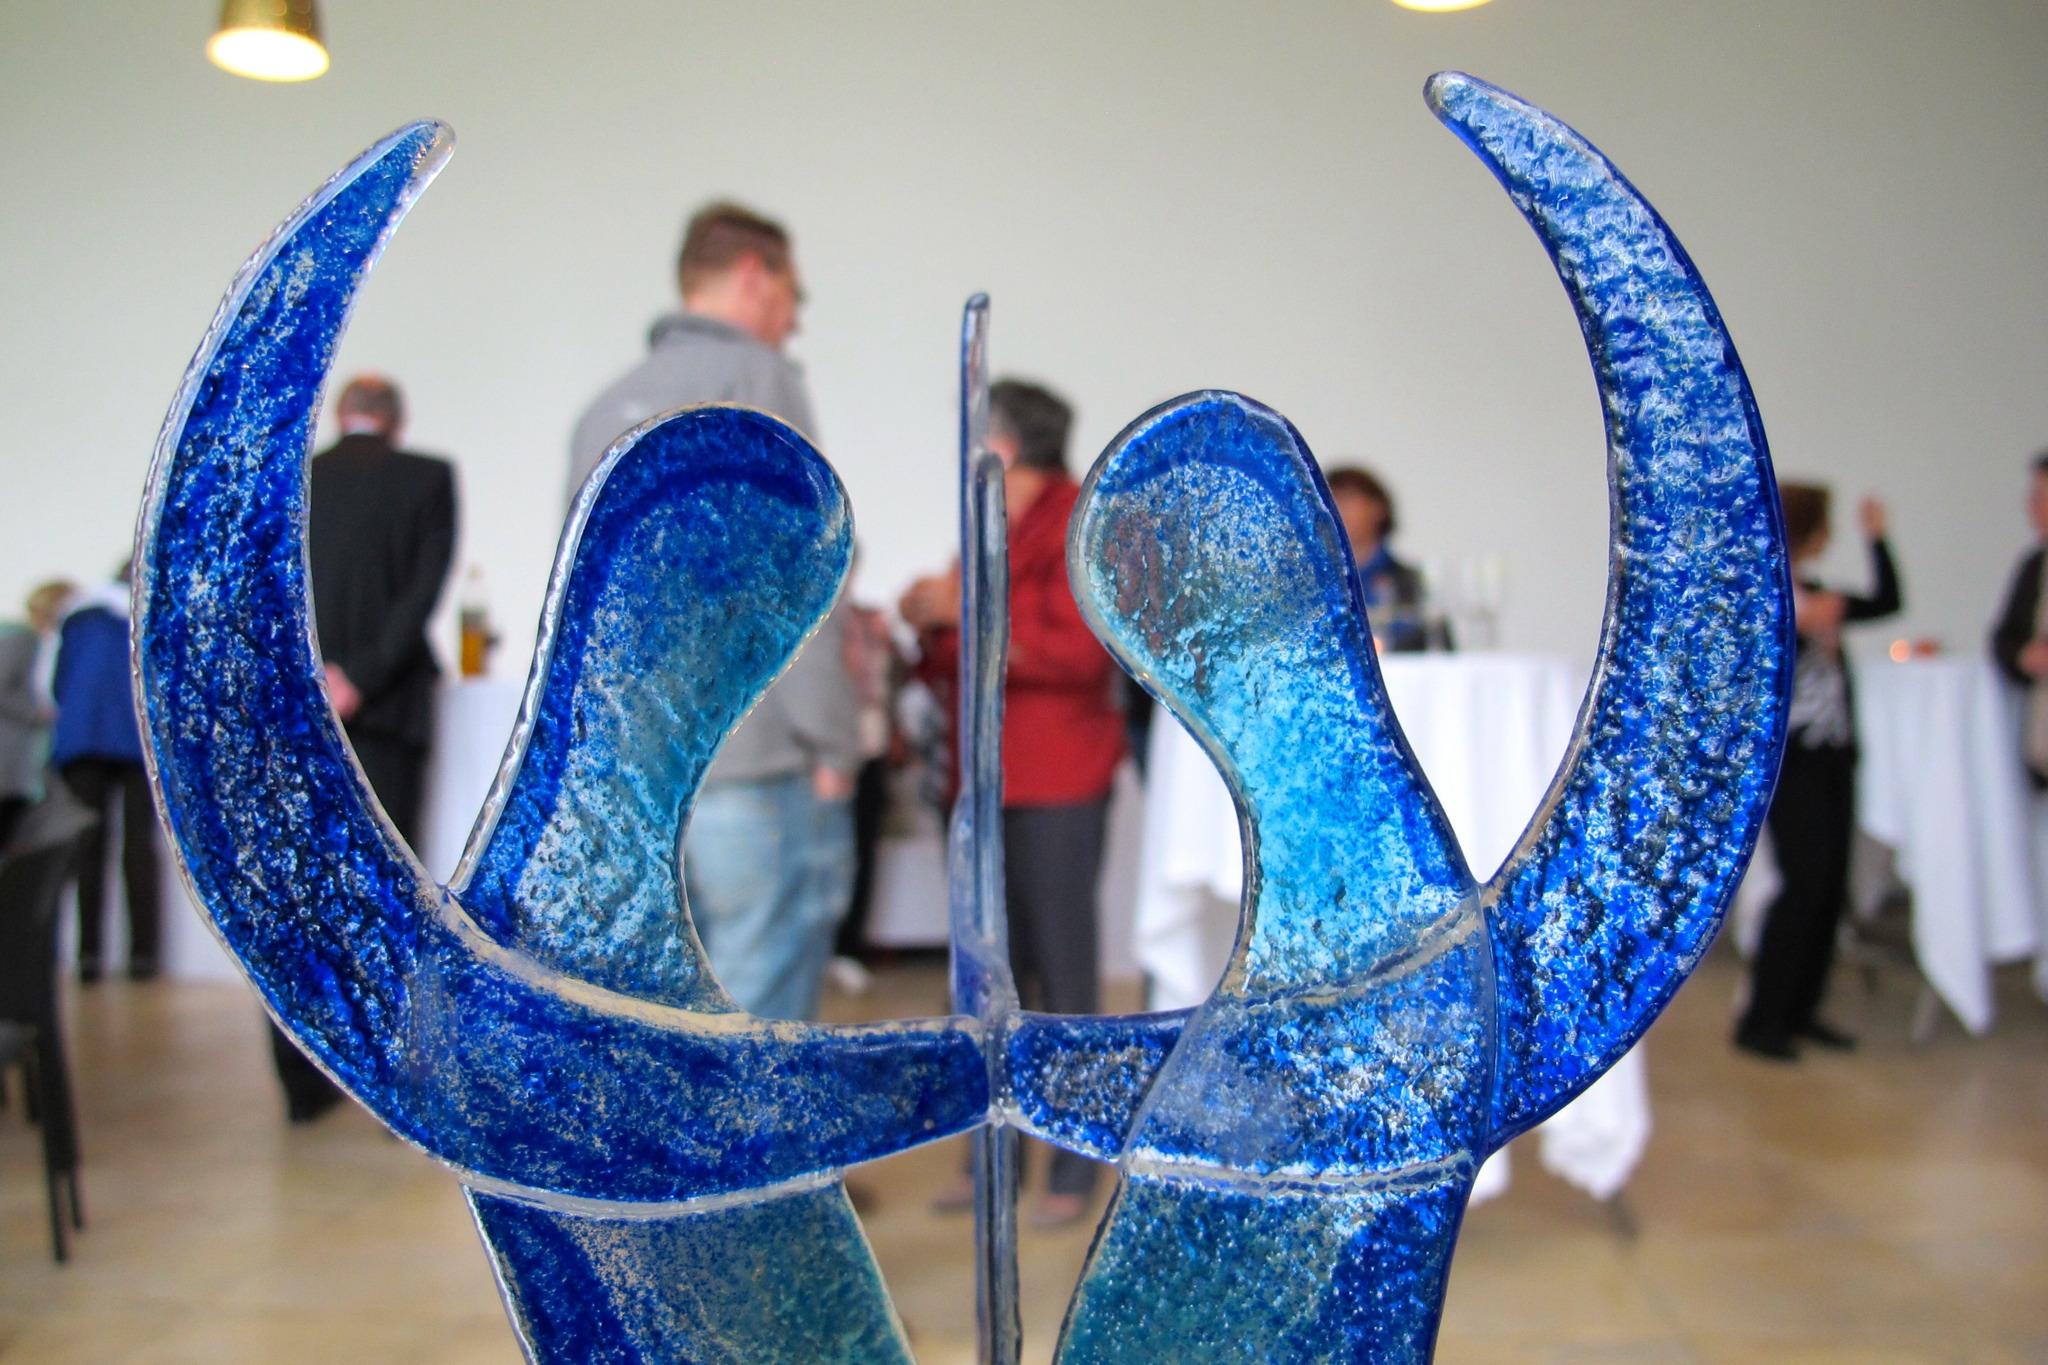 Eine Blaue Skulptur, im Hintergrund eine Veranstaltung